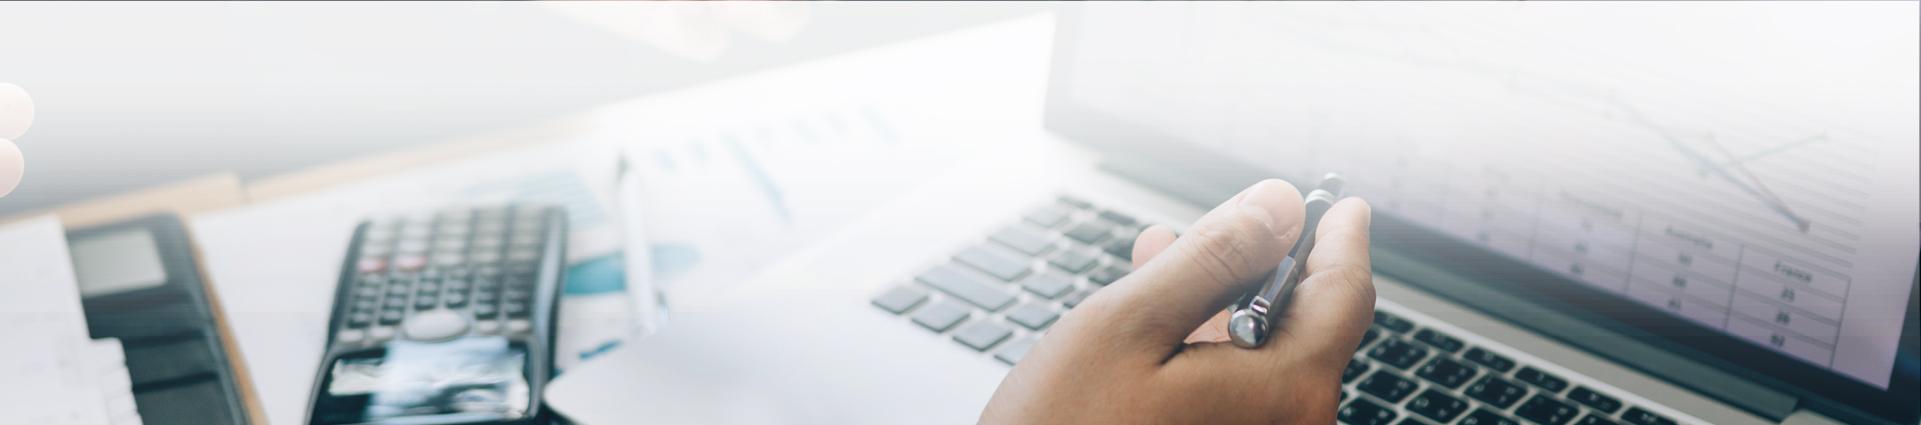 laptop i długopis